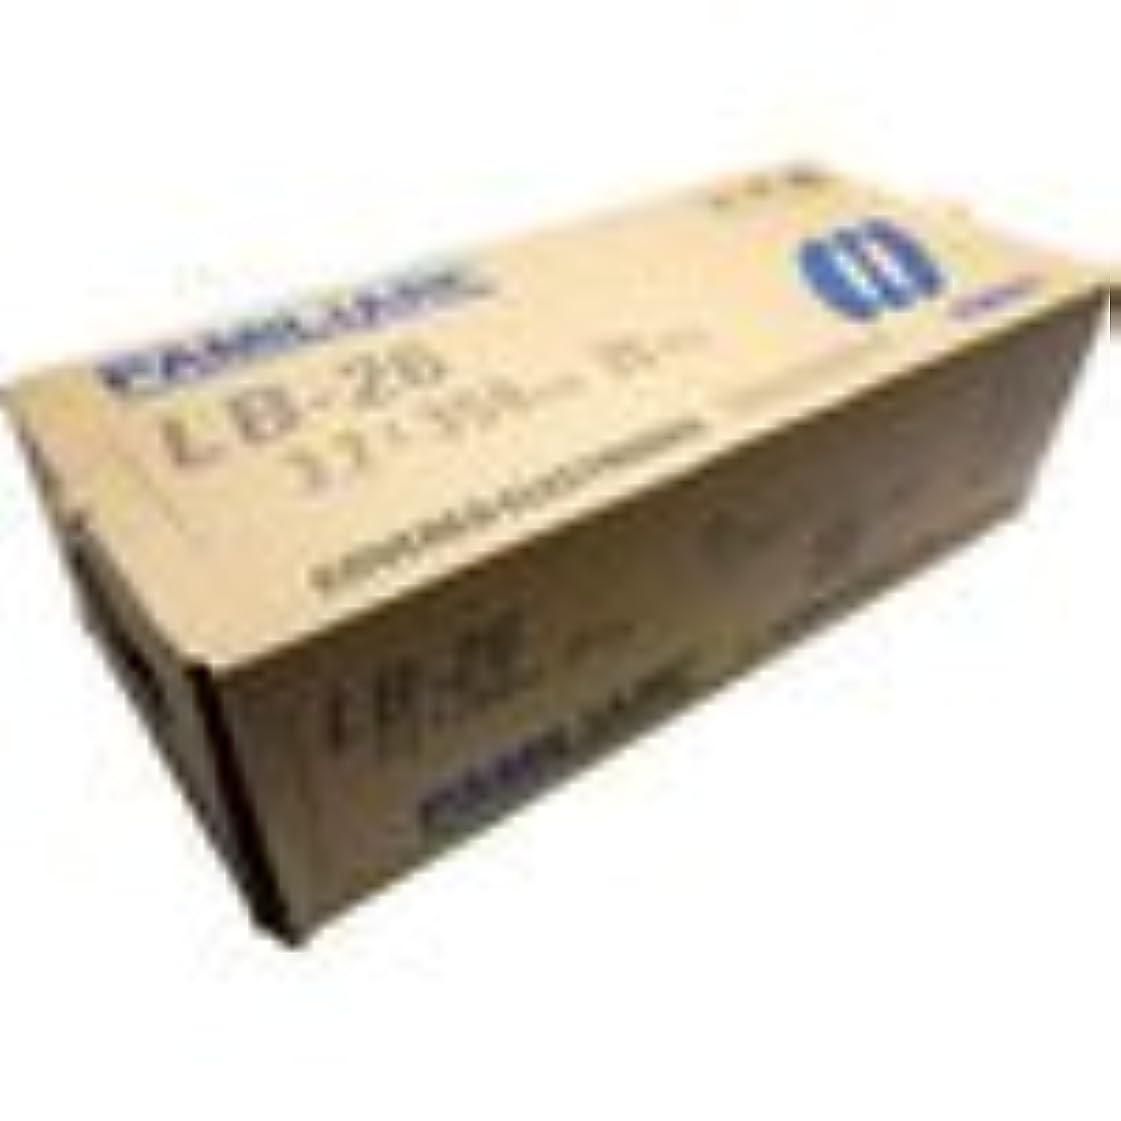 無意味またはどちらか群れ神戸製鋼 溶接棒 LB-26 3.2Φ 20Kg 1箱(5kg X 4箱入り)【LB26】写真は代表画像になります。ご了承下さい。